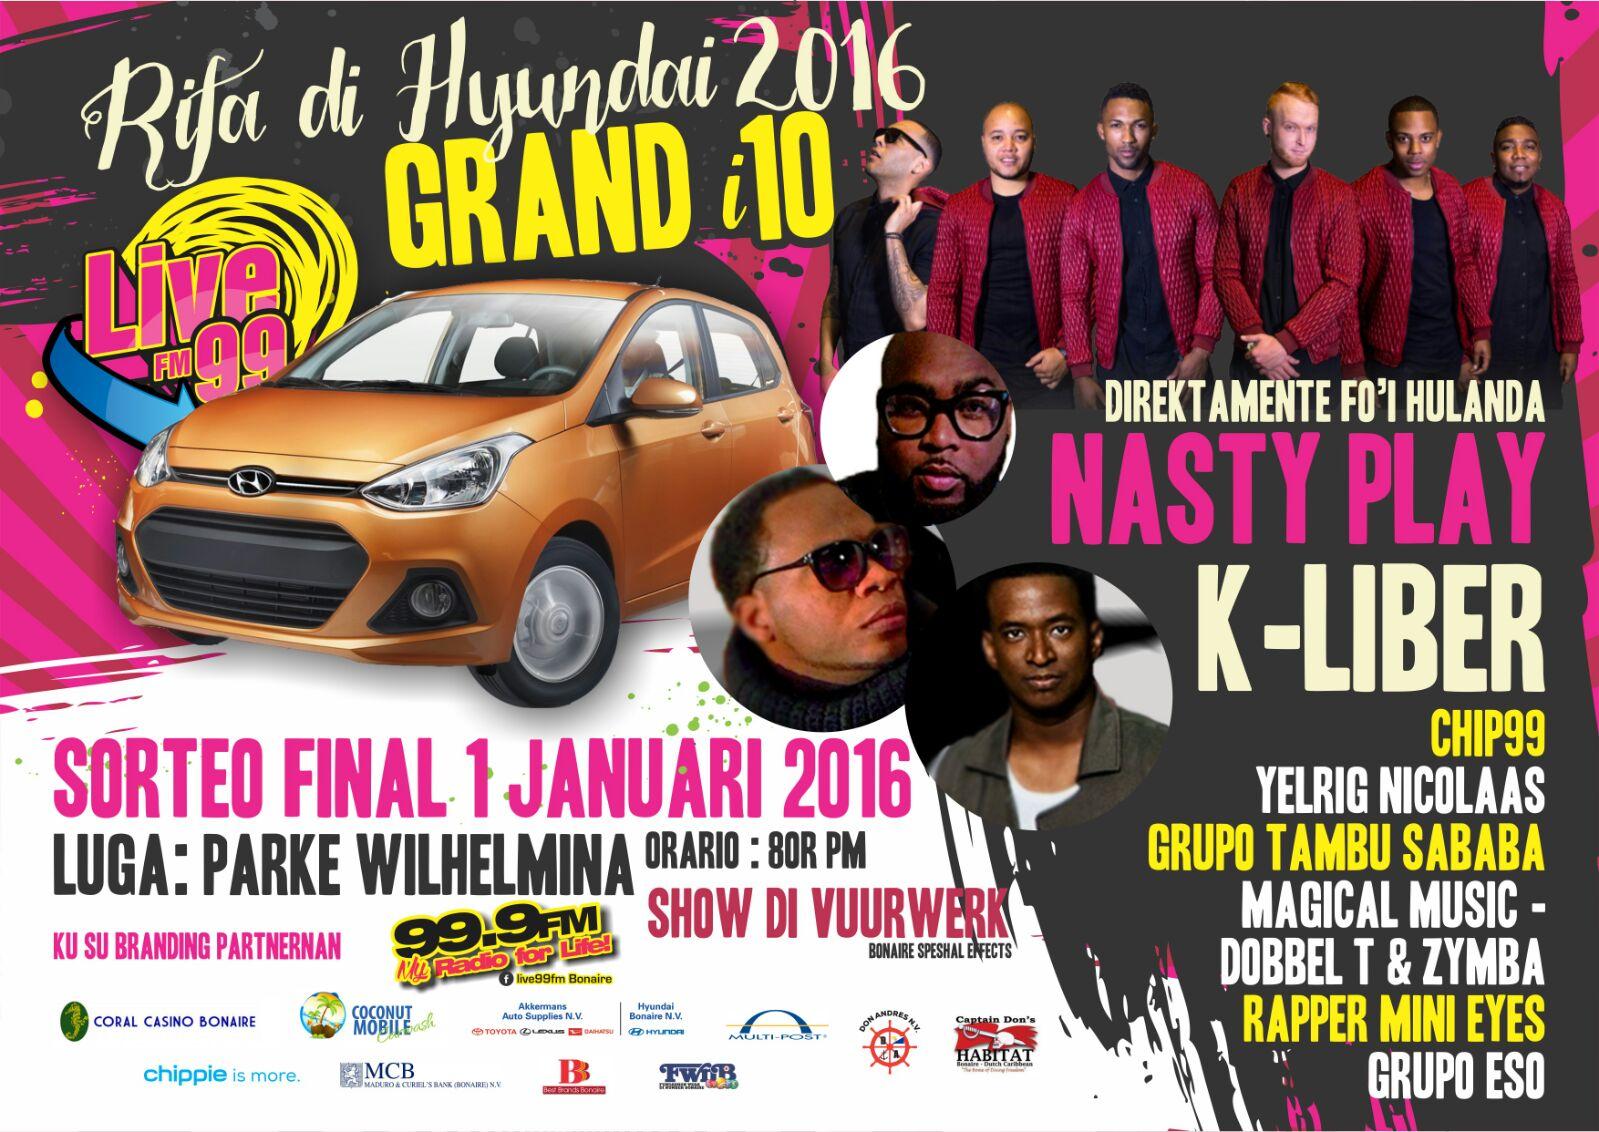 SORTEO FINAL 1 JAN 2016